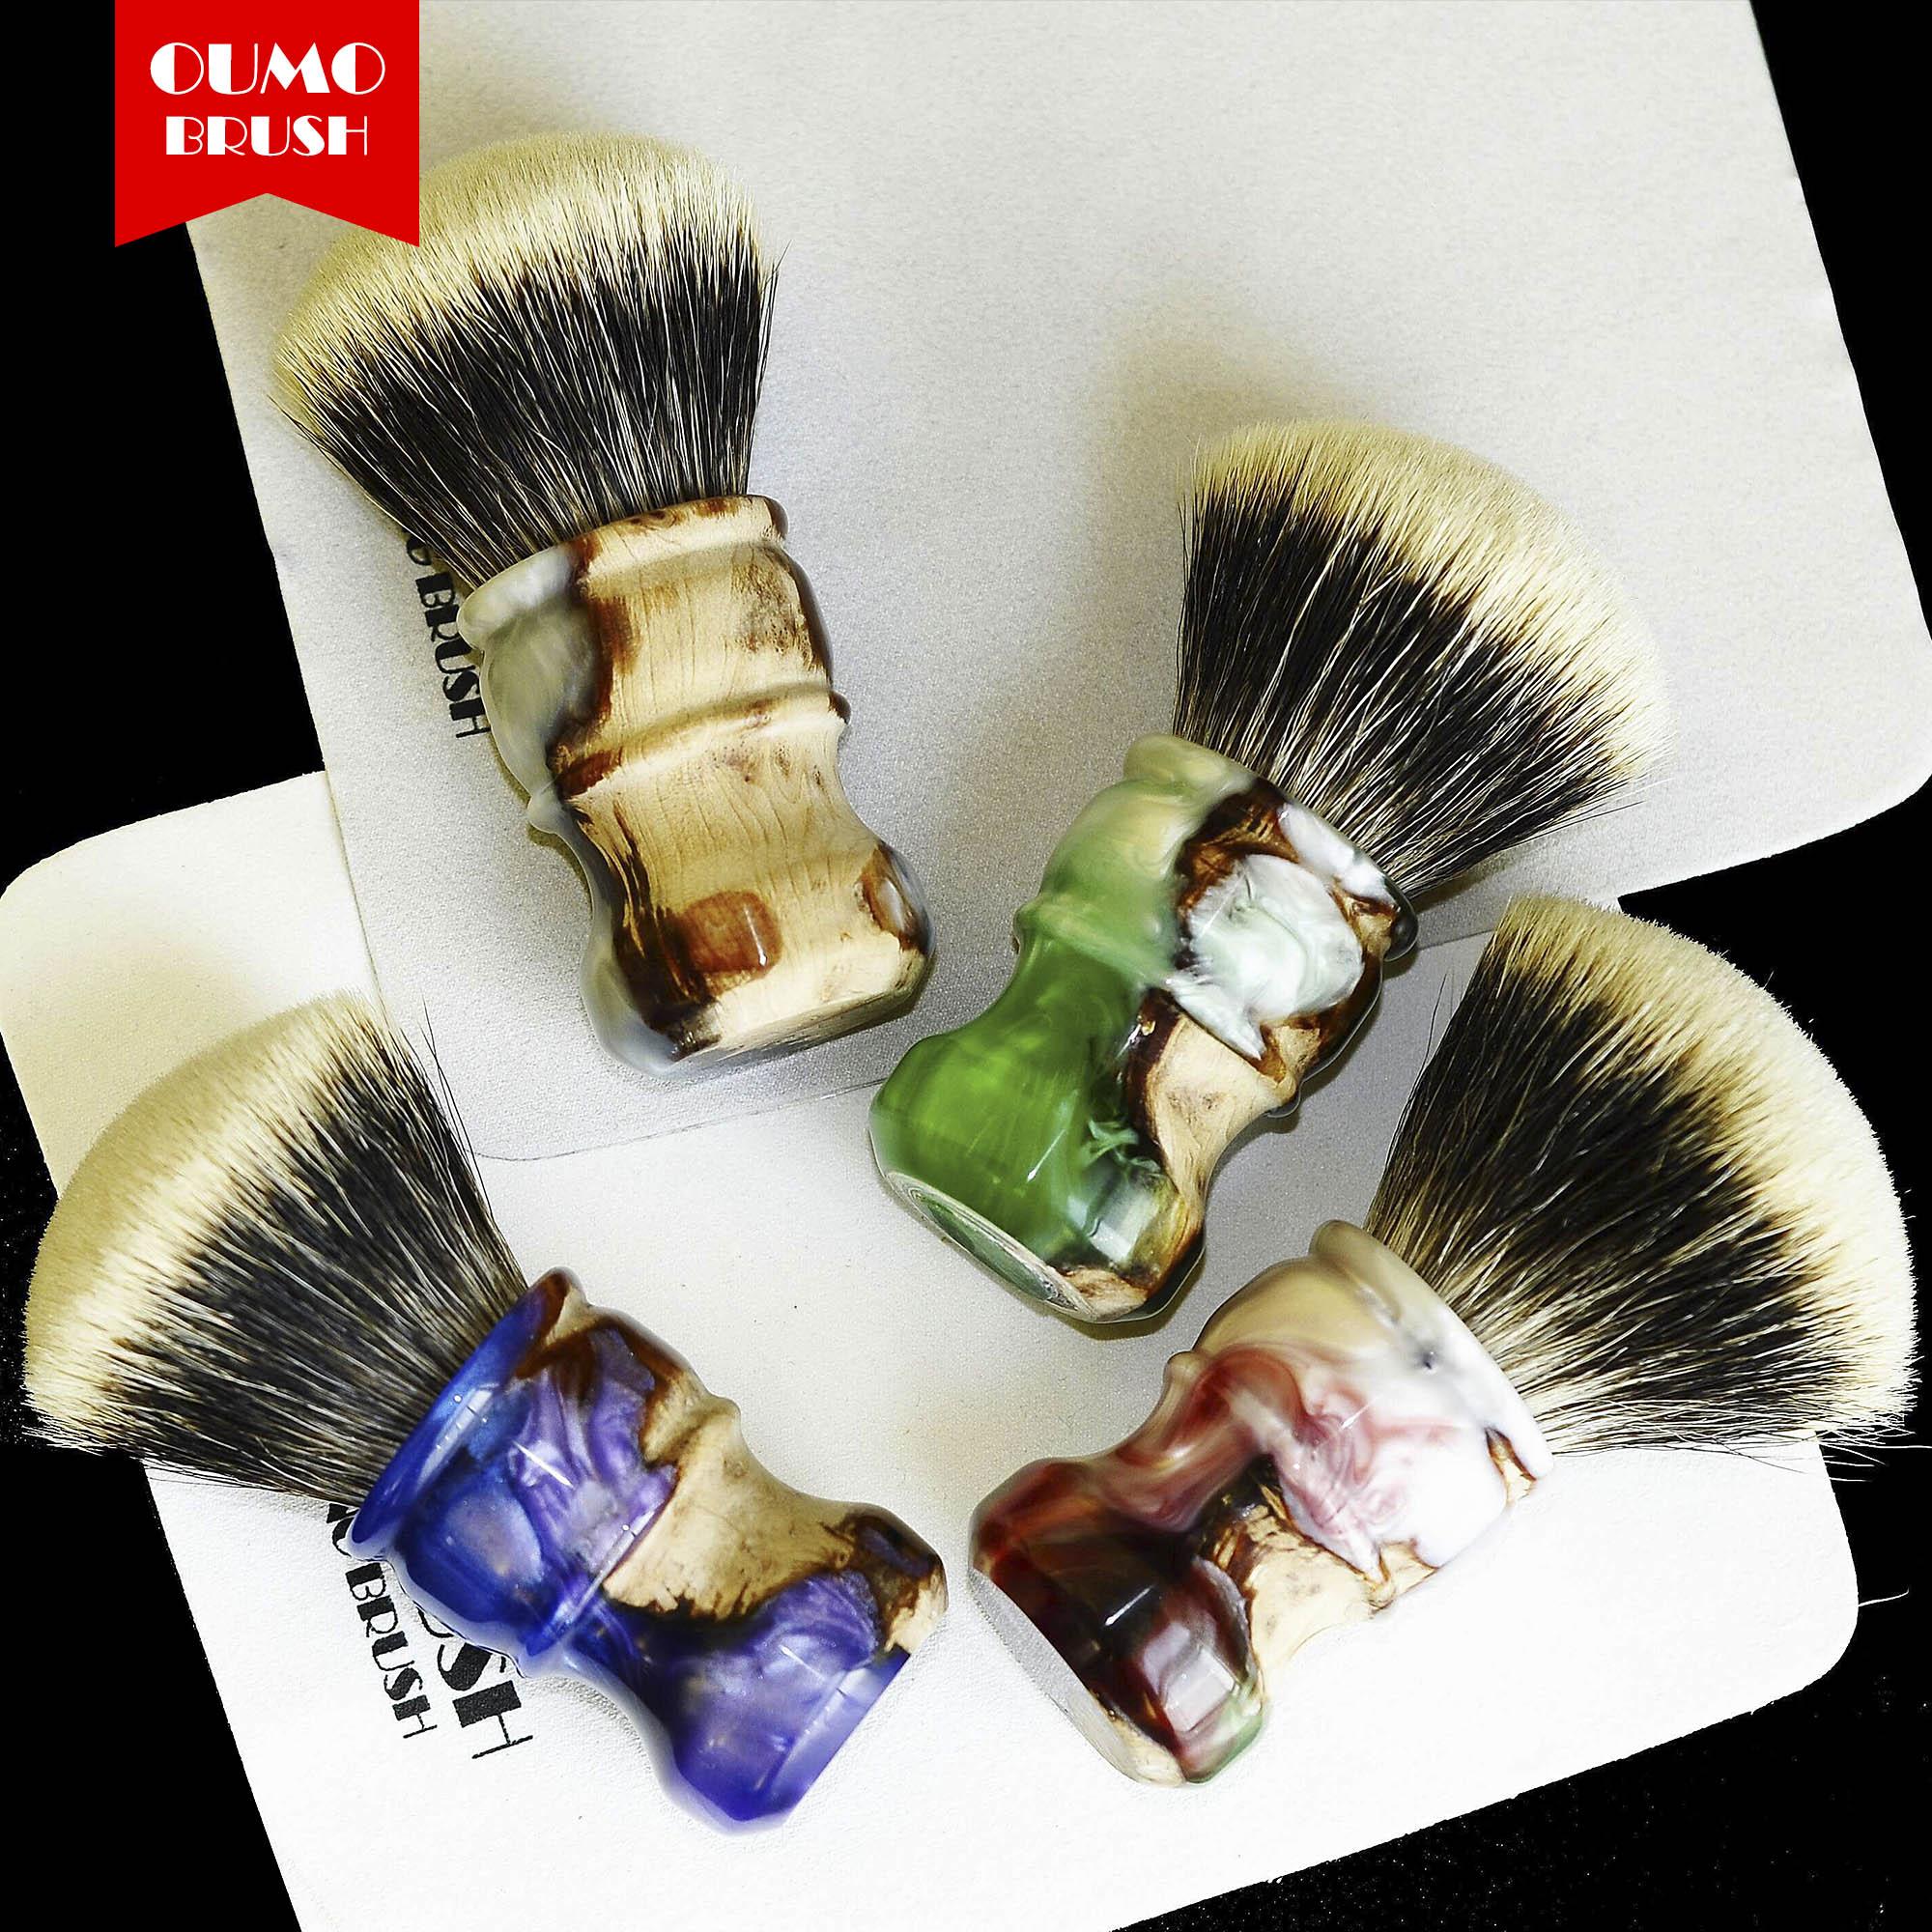 OUMO BRUSH- Sandalwood With Resin SHD Manchuria Badger Knot Shaving Brush Gel City